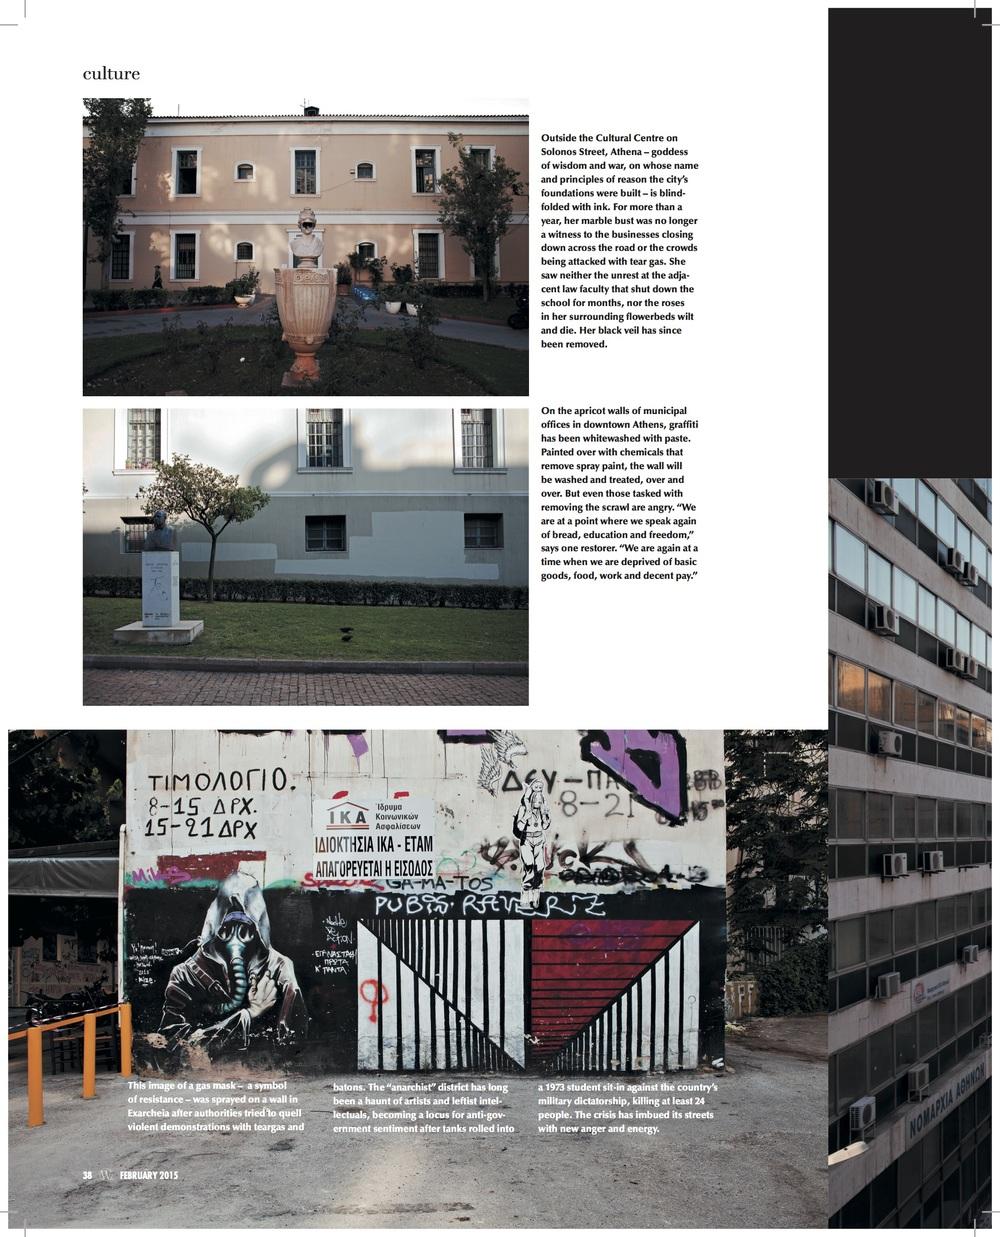 Graffiti_p3.jpg